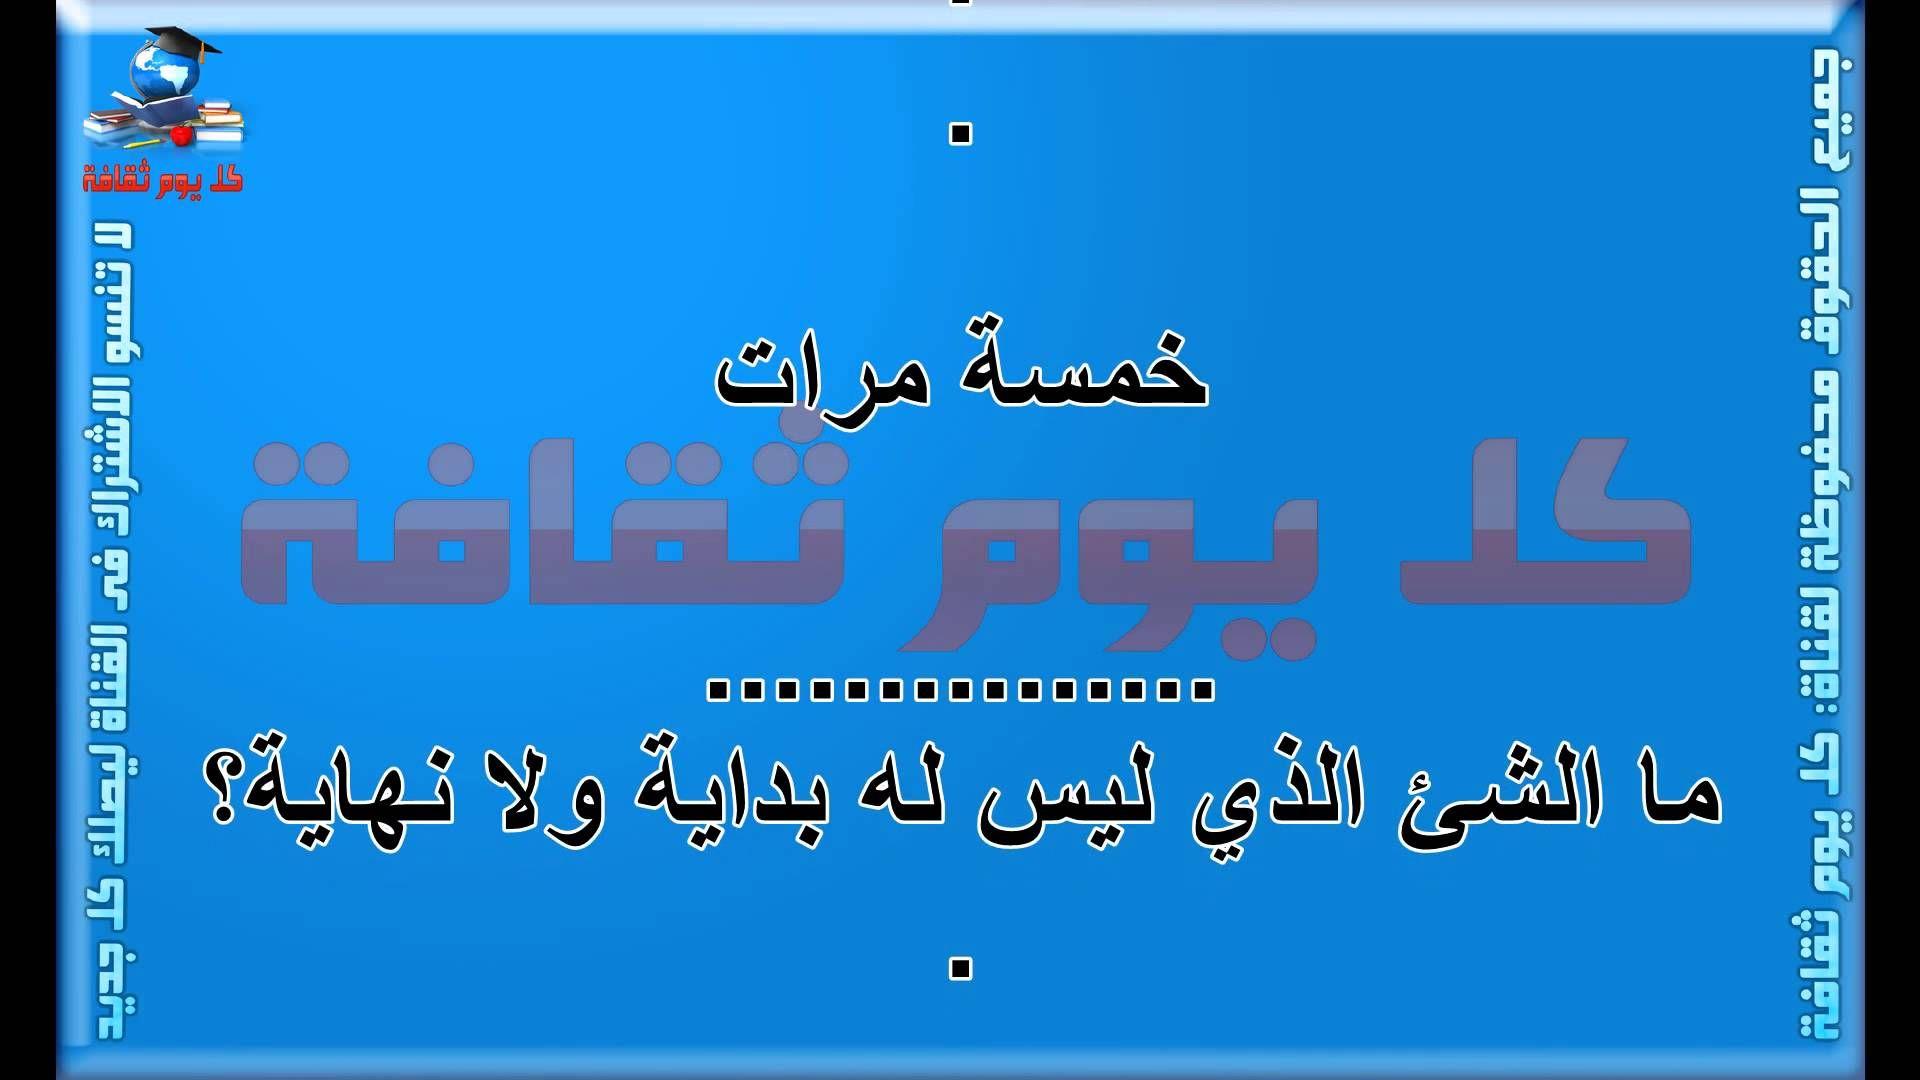 اسئلة ثقافية اسئلة واجوبة اسئلة ذكاء واجابتها اسئله صعبه الغاز Arabic Books Funny Dude Books